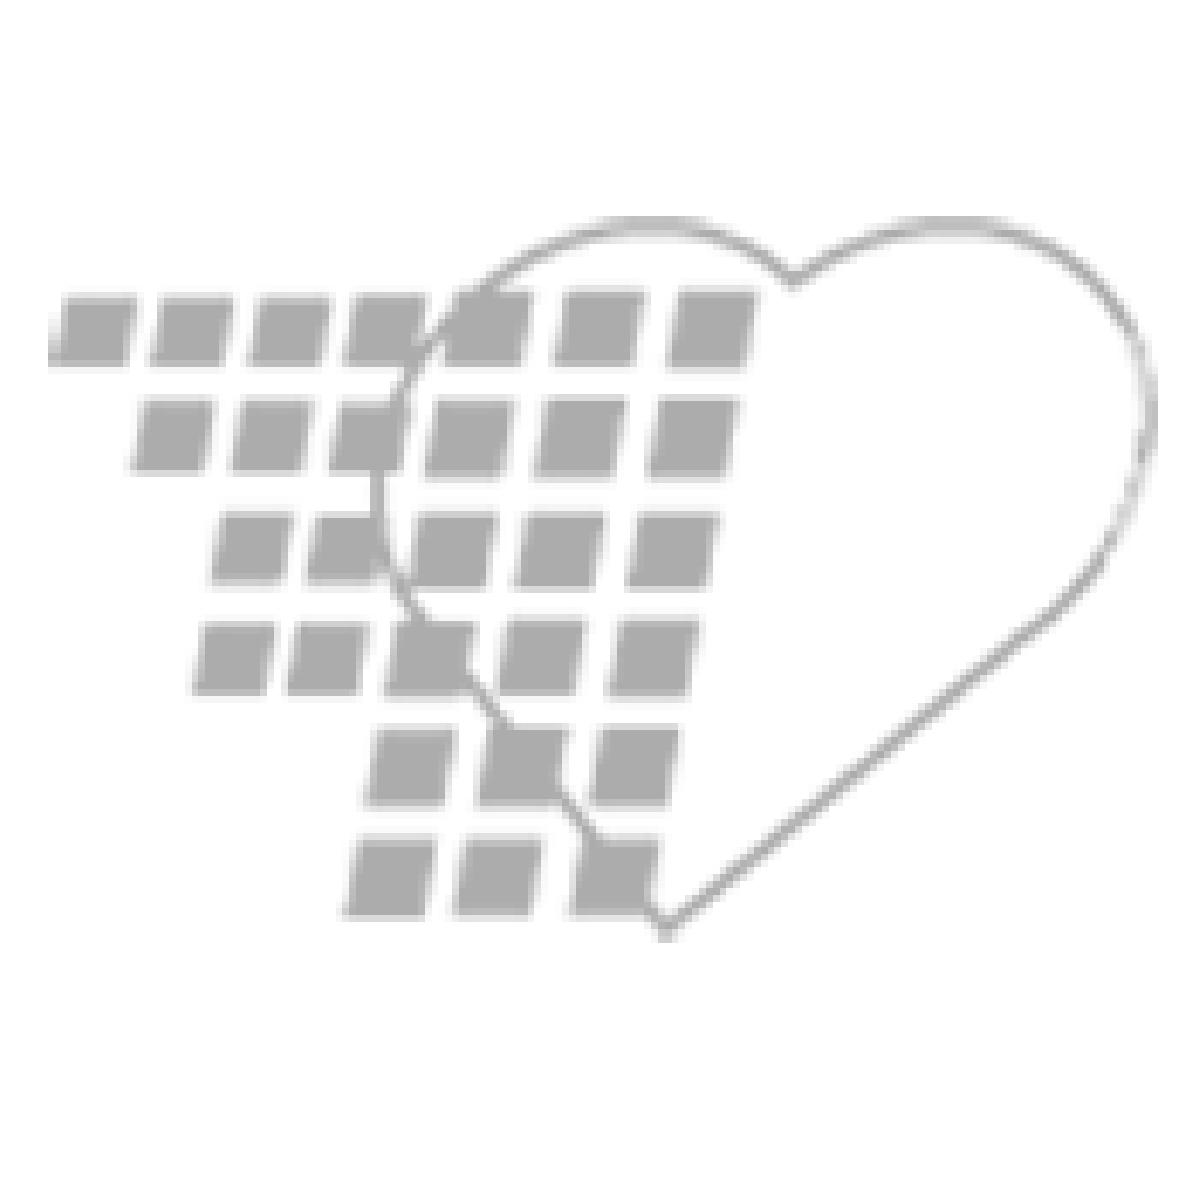 05-41-9501 Convatec Pouch Clamp